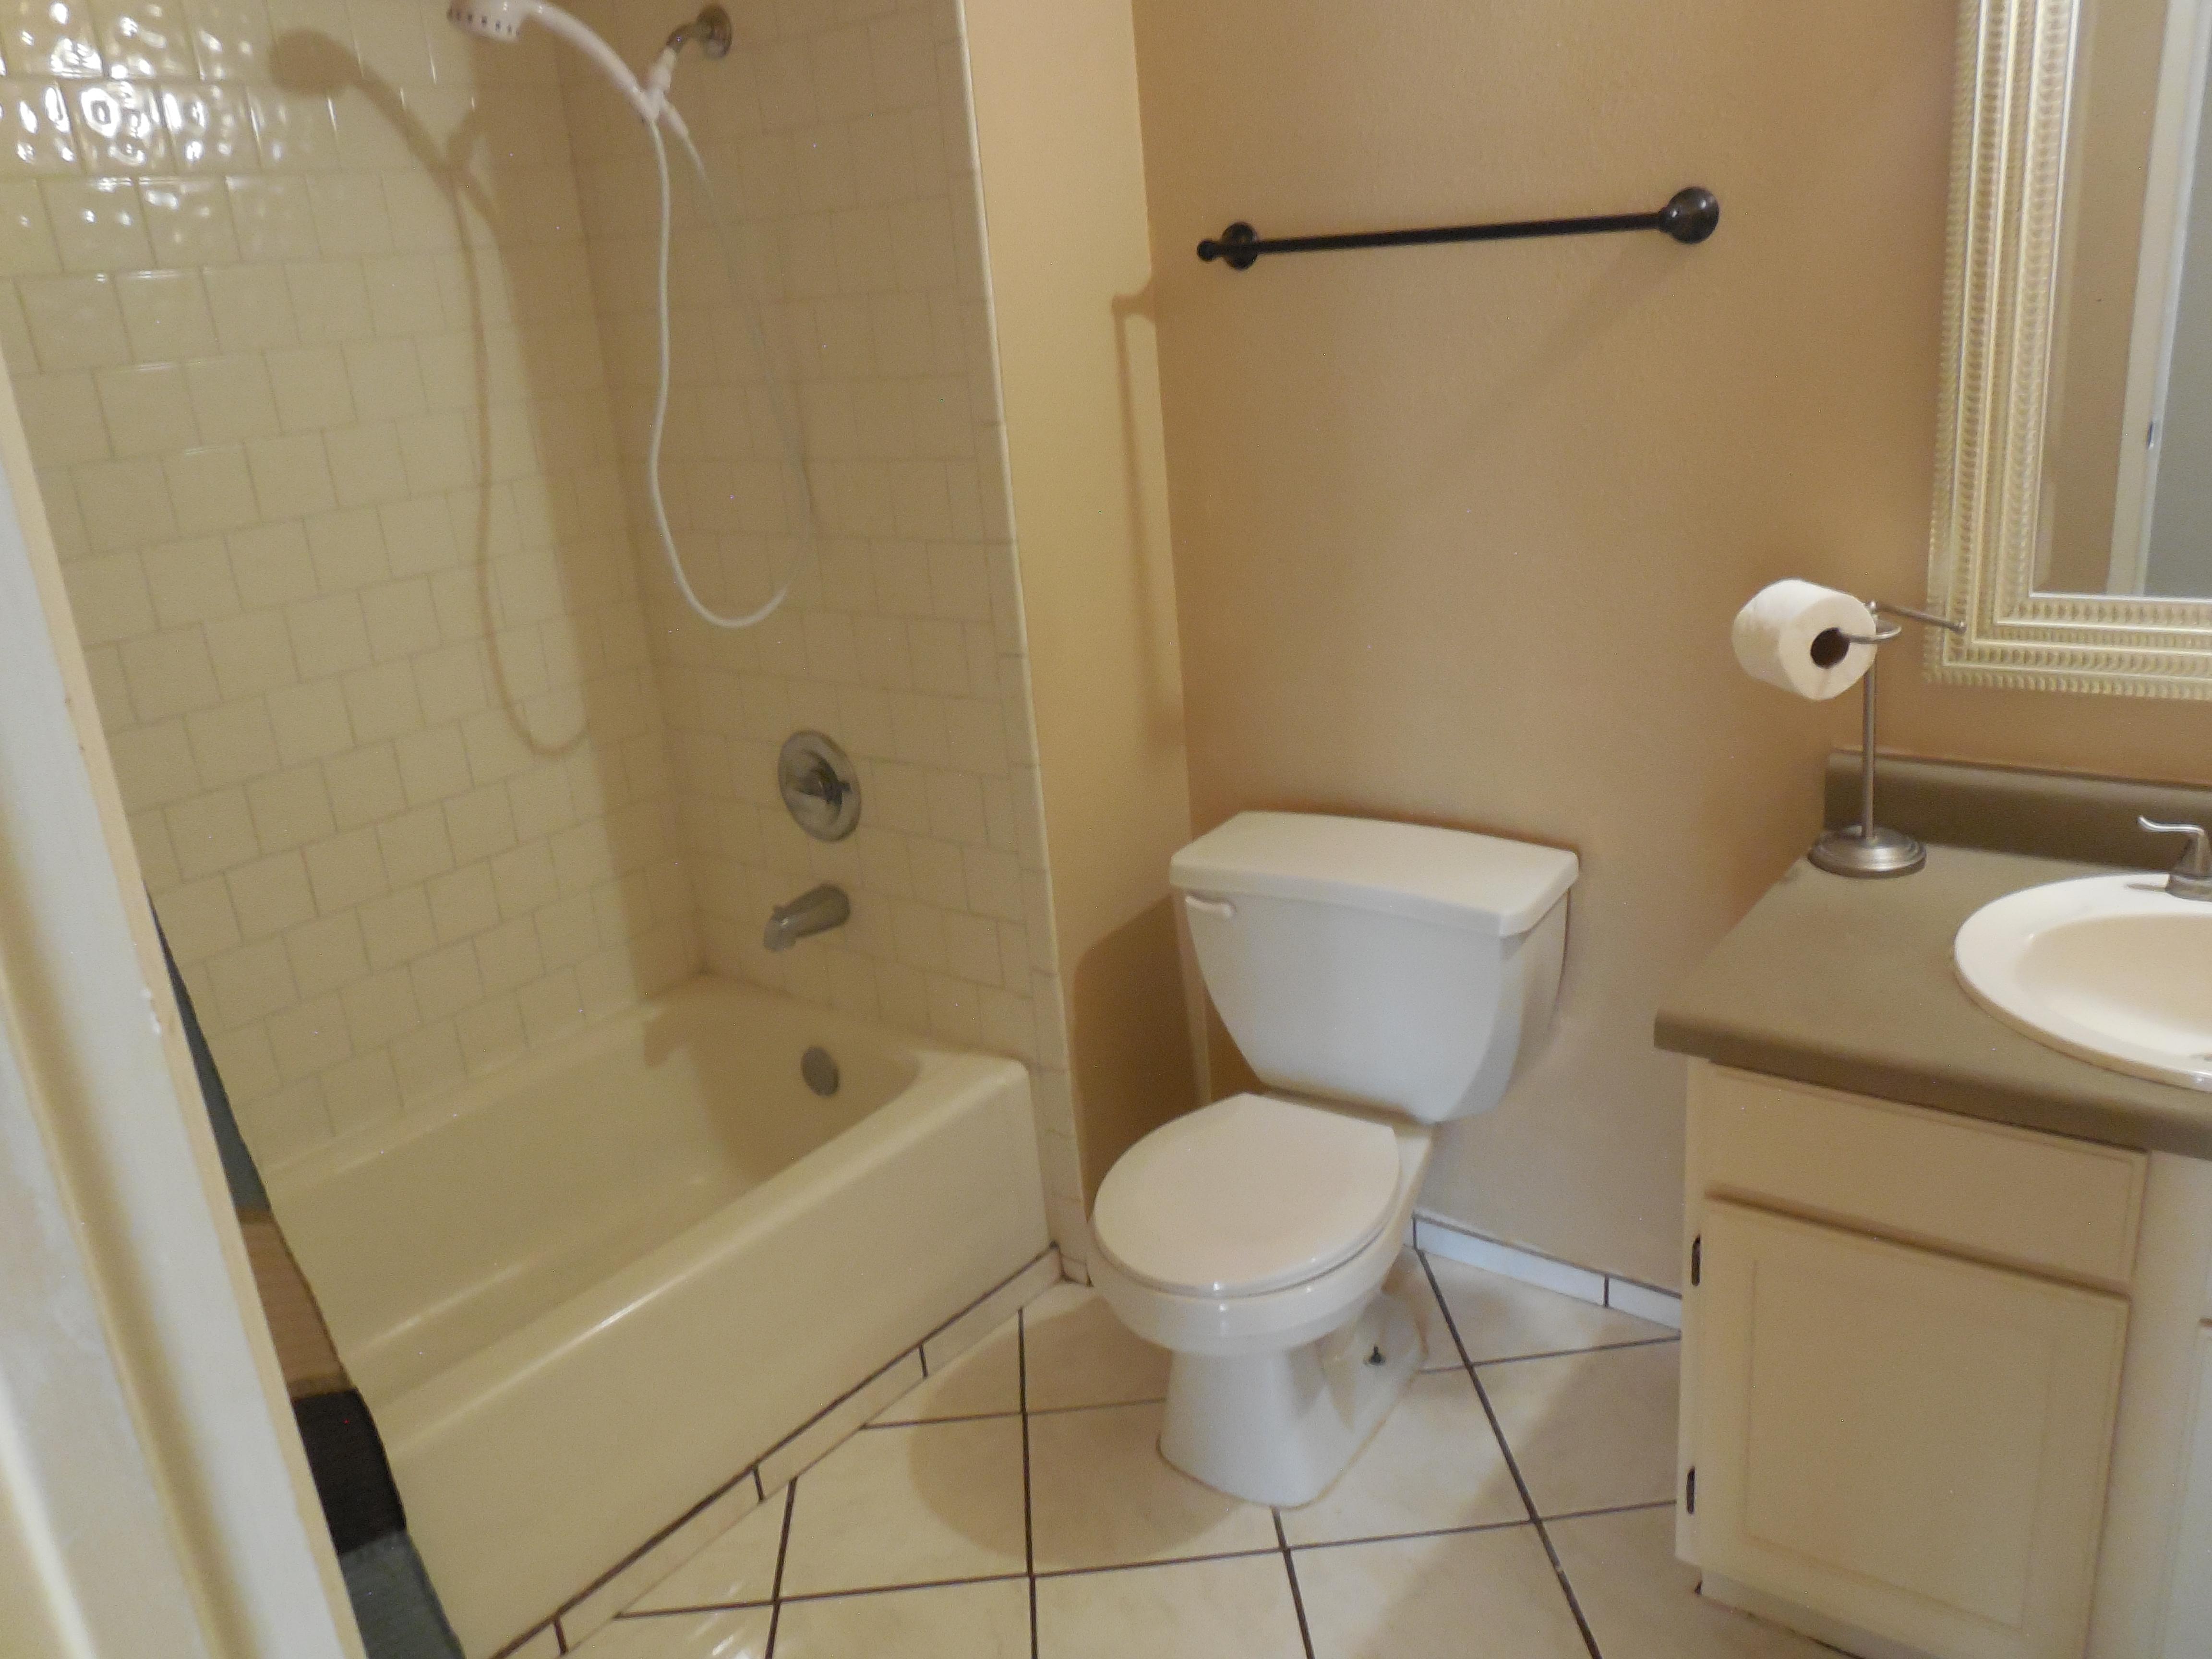 2002 hall bath